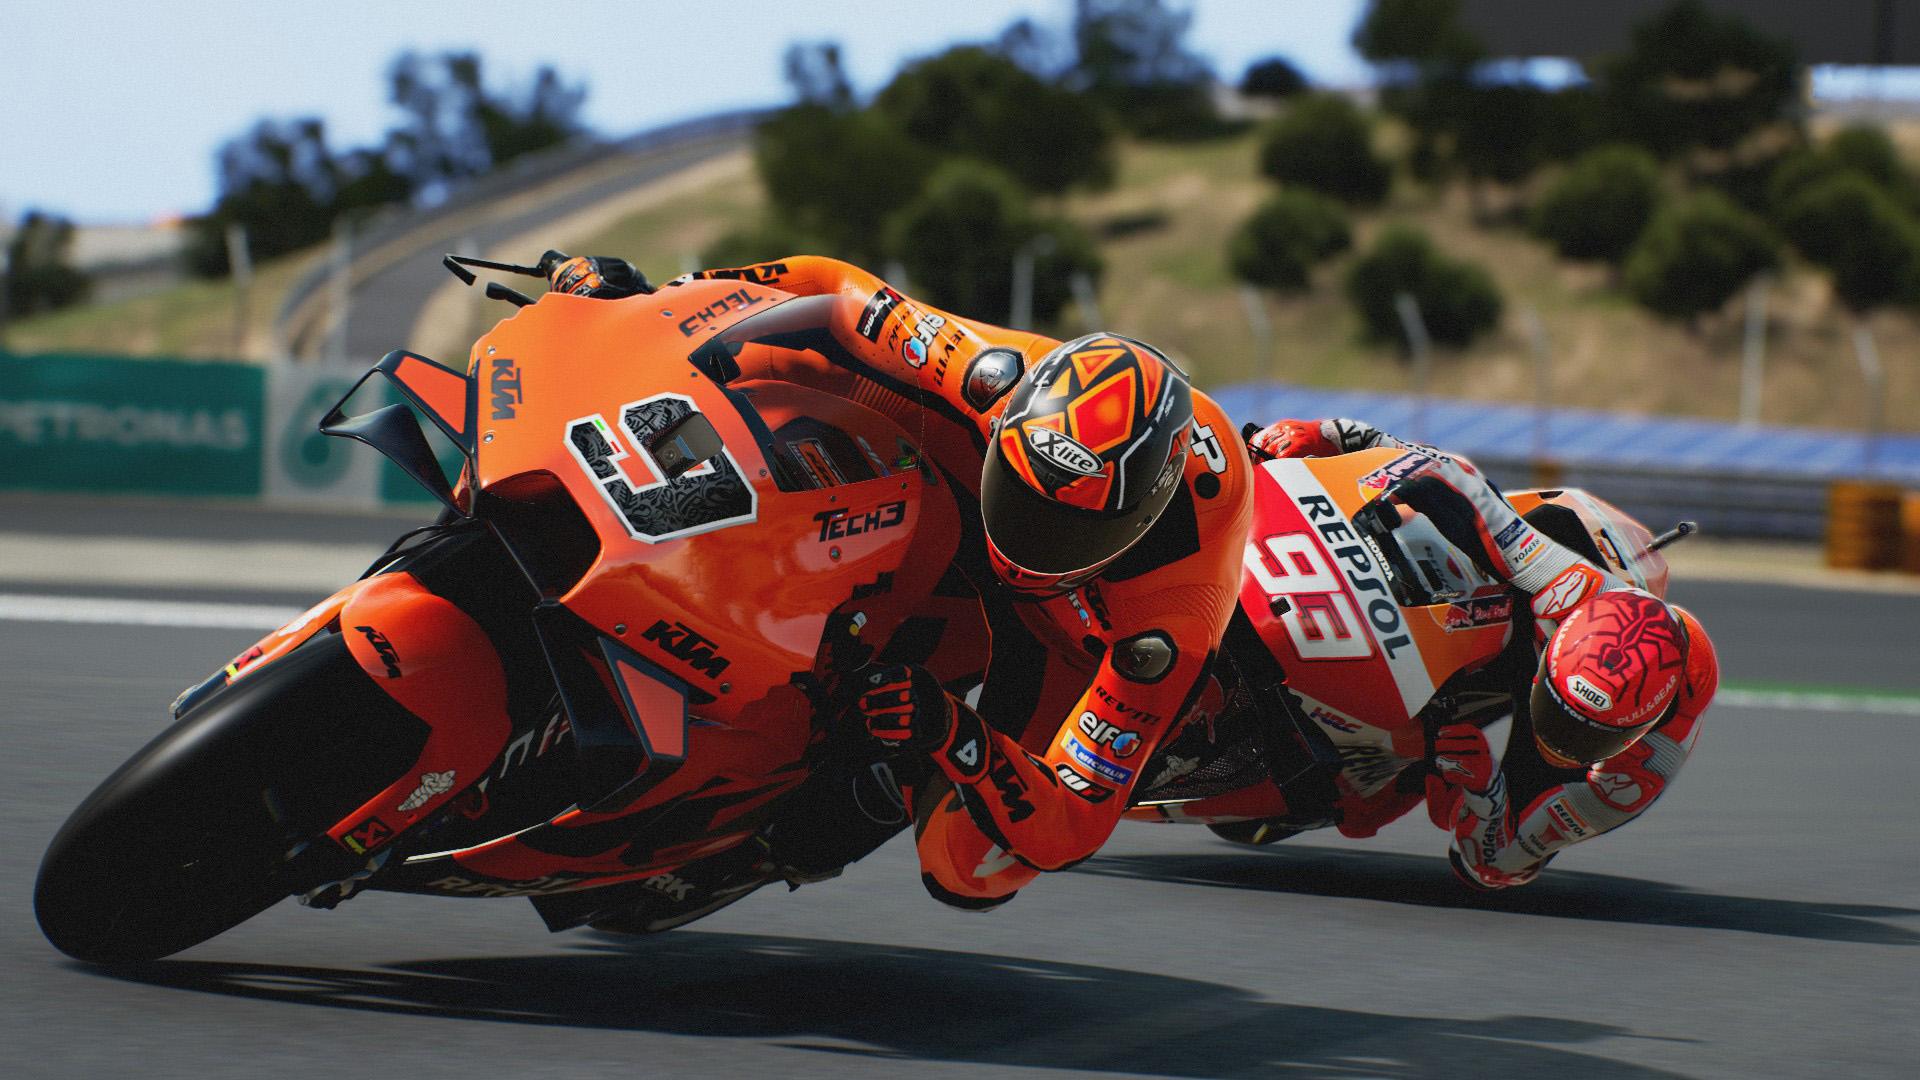 劲爆体育,赛车,摩托,倾斜,惊险